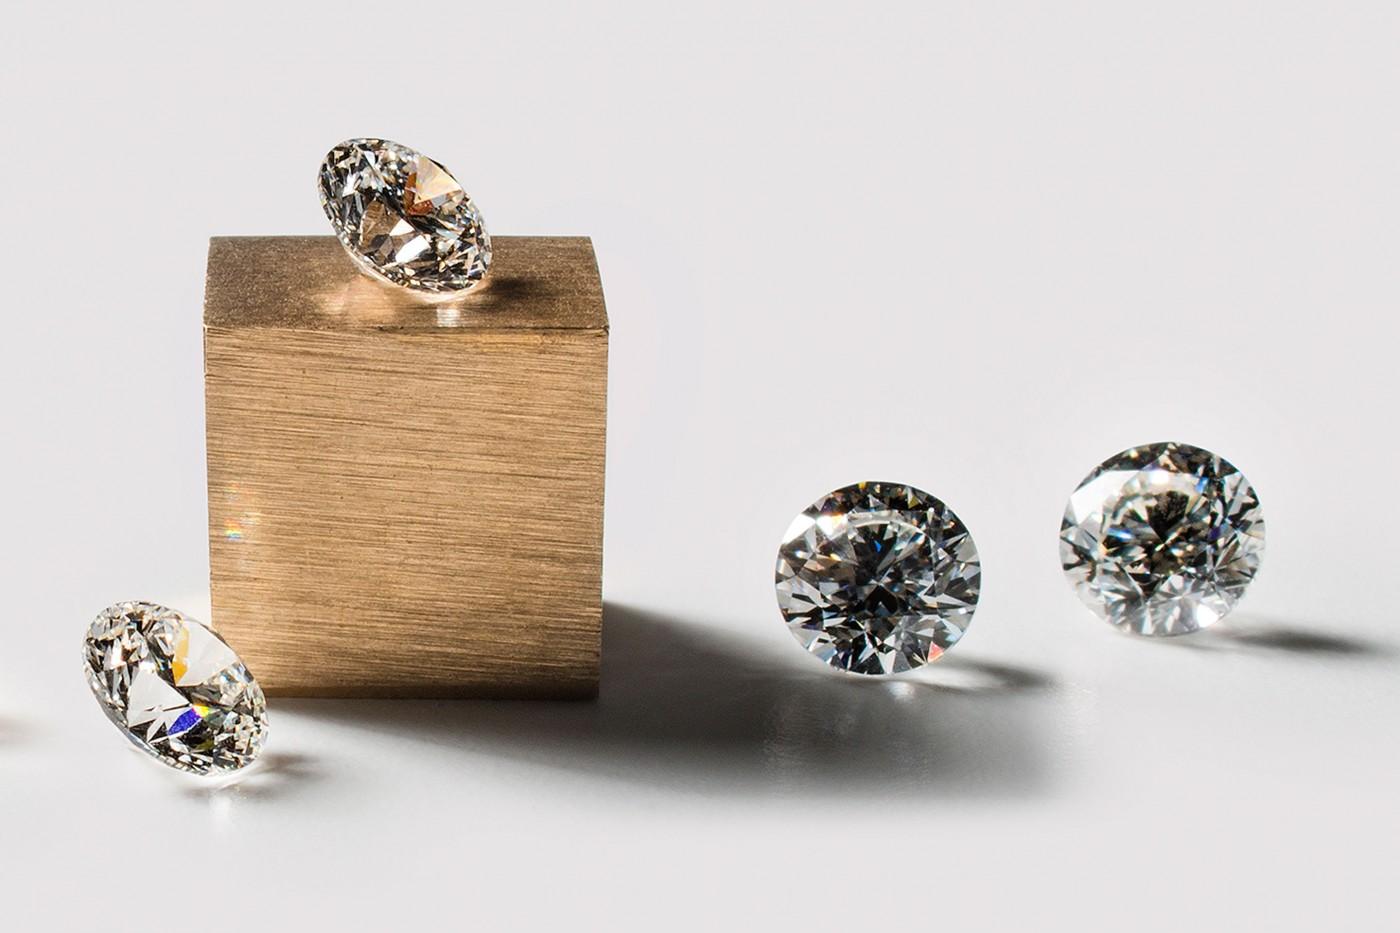 「我手上的未來鑽石只要38萬!」人造鑽石將在大遠百開賣...你會想買嗎?